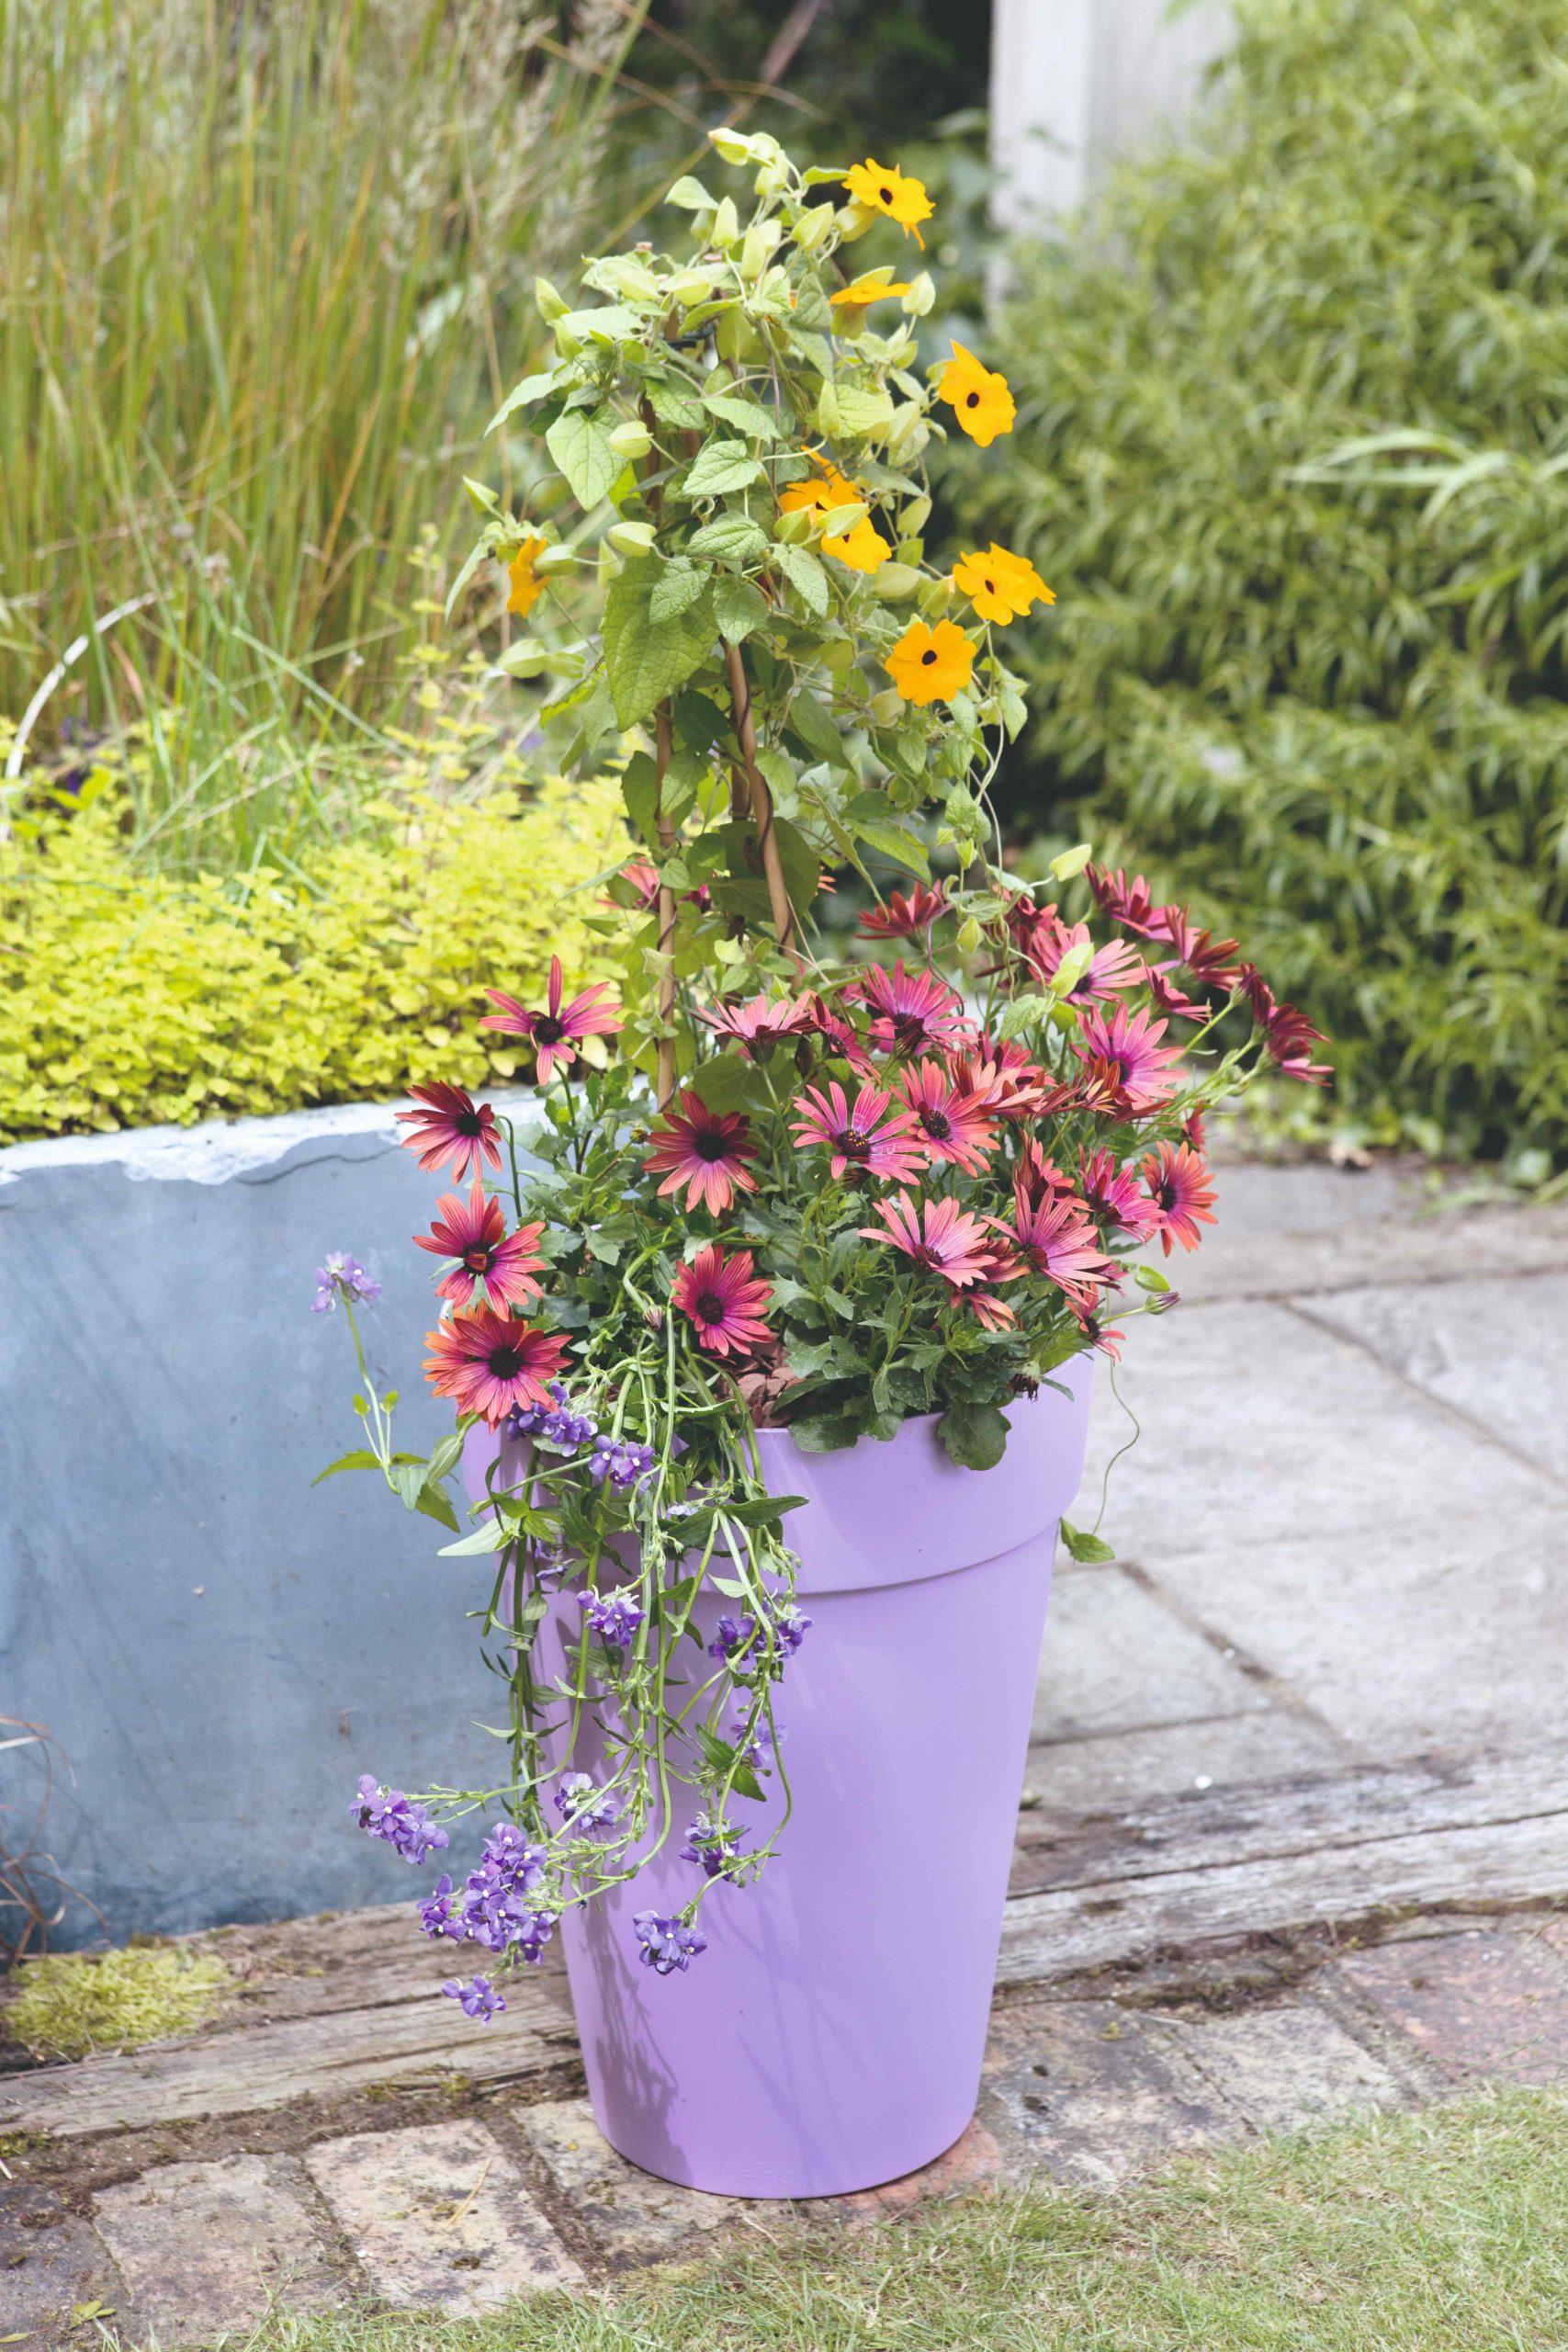 Fialový kvetináč s kvetmi ťahajúcimi sa do výšky